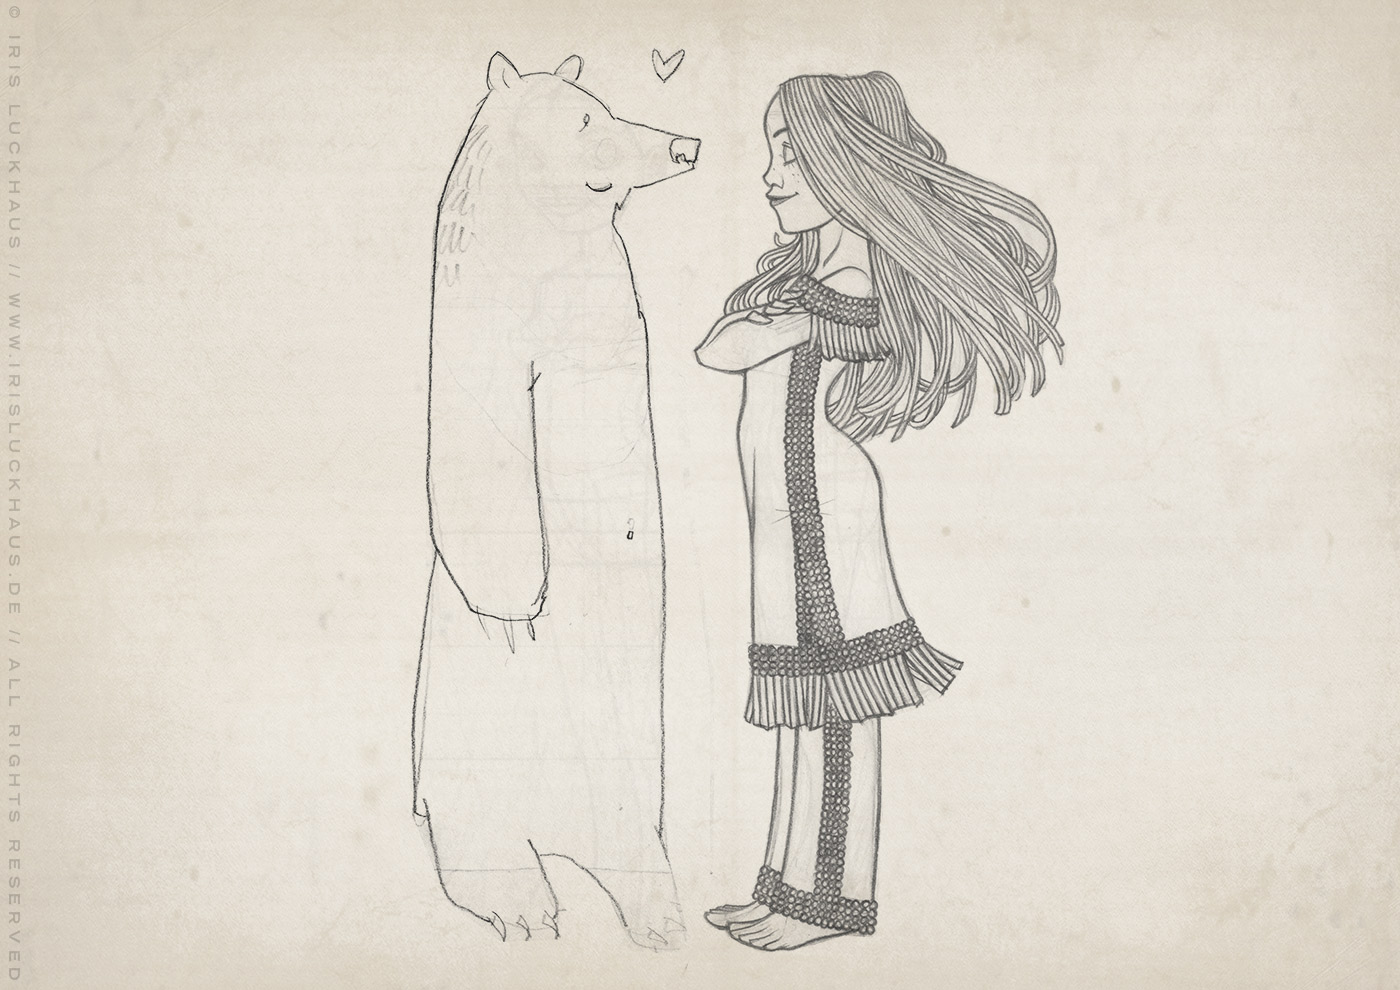 Skizze von Lily Lux als Indianer-Squaw Nschotschi, die Schwester Winnetous, mit einem Grizzly Bär im wilden Westen